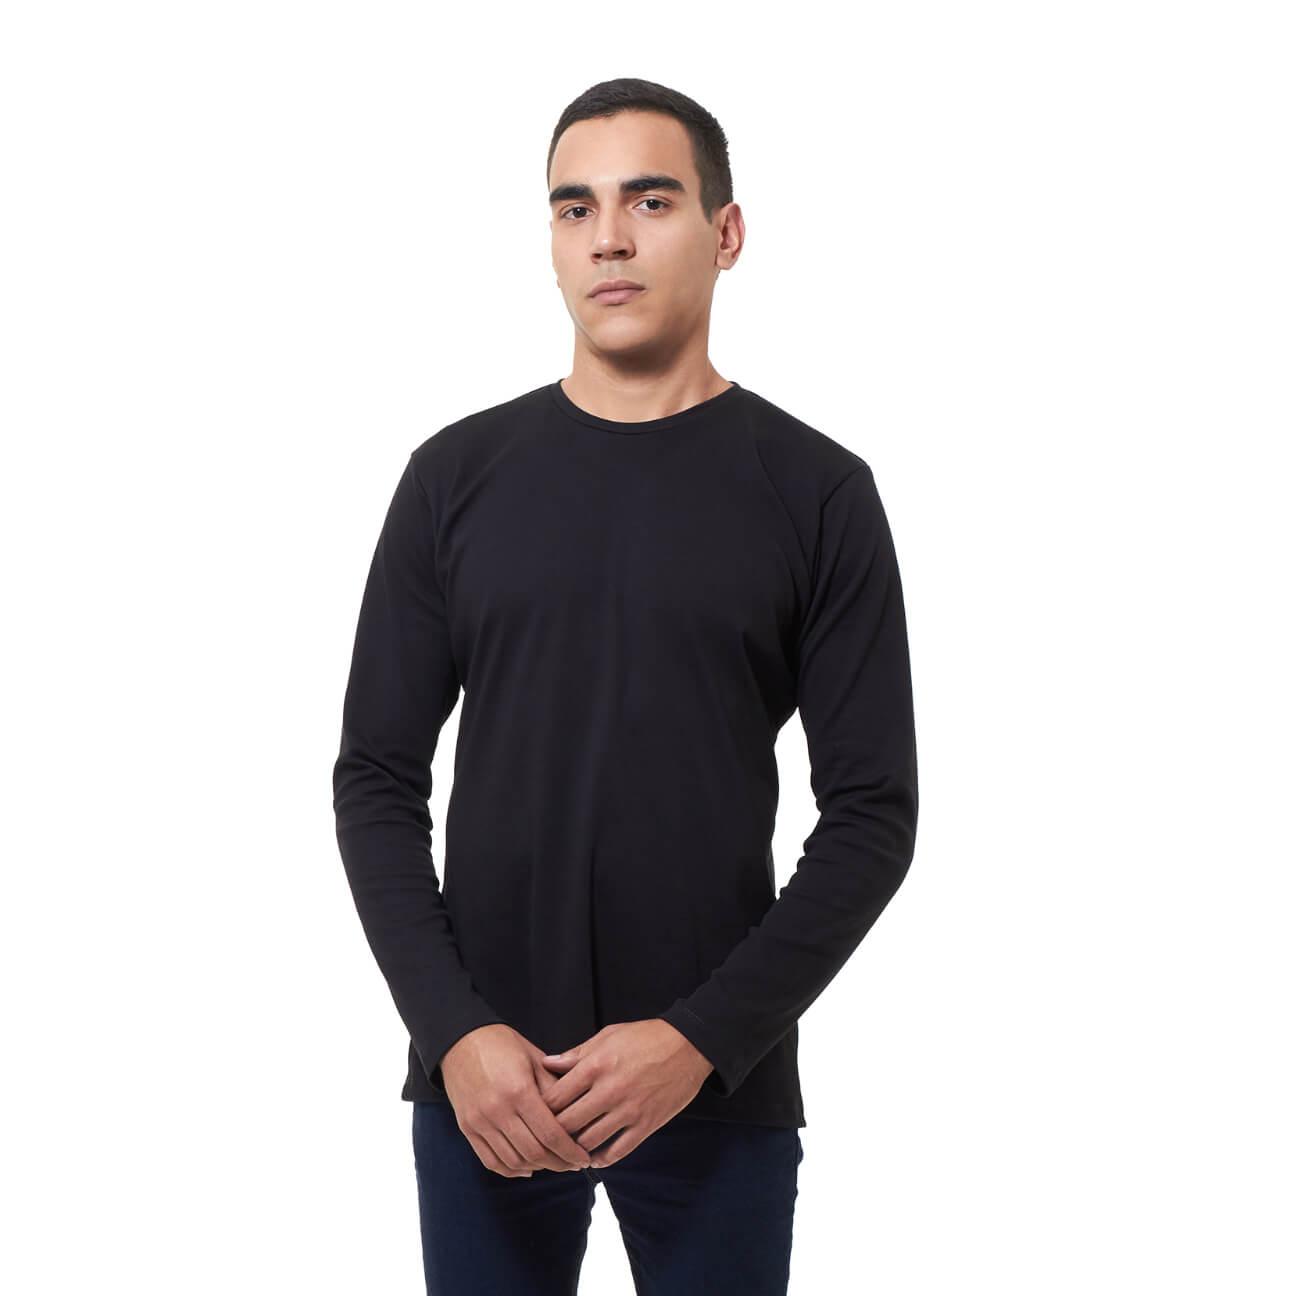 Franela basica caballero manga larga negra